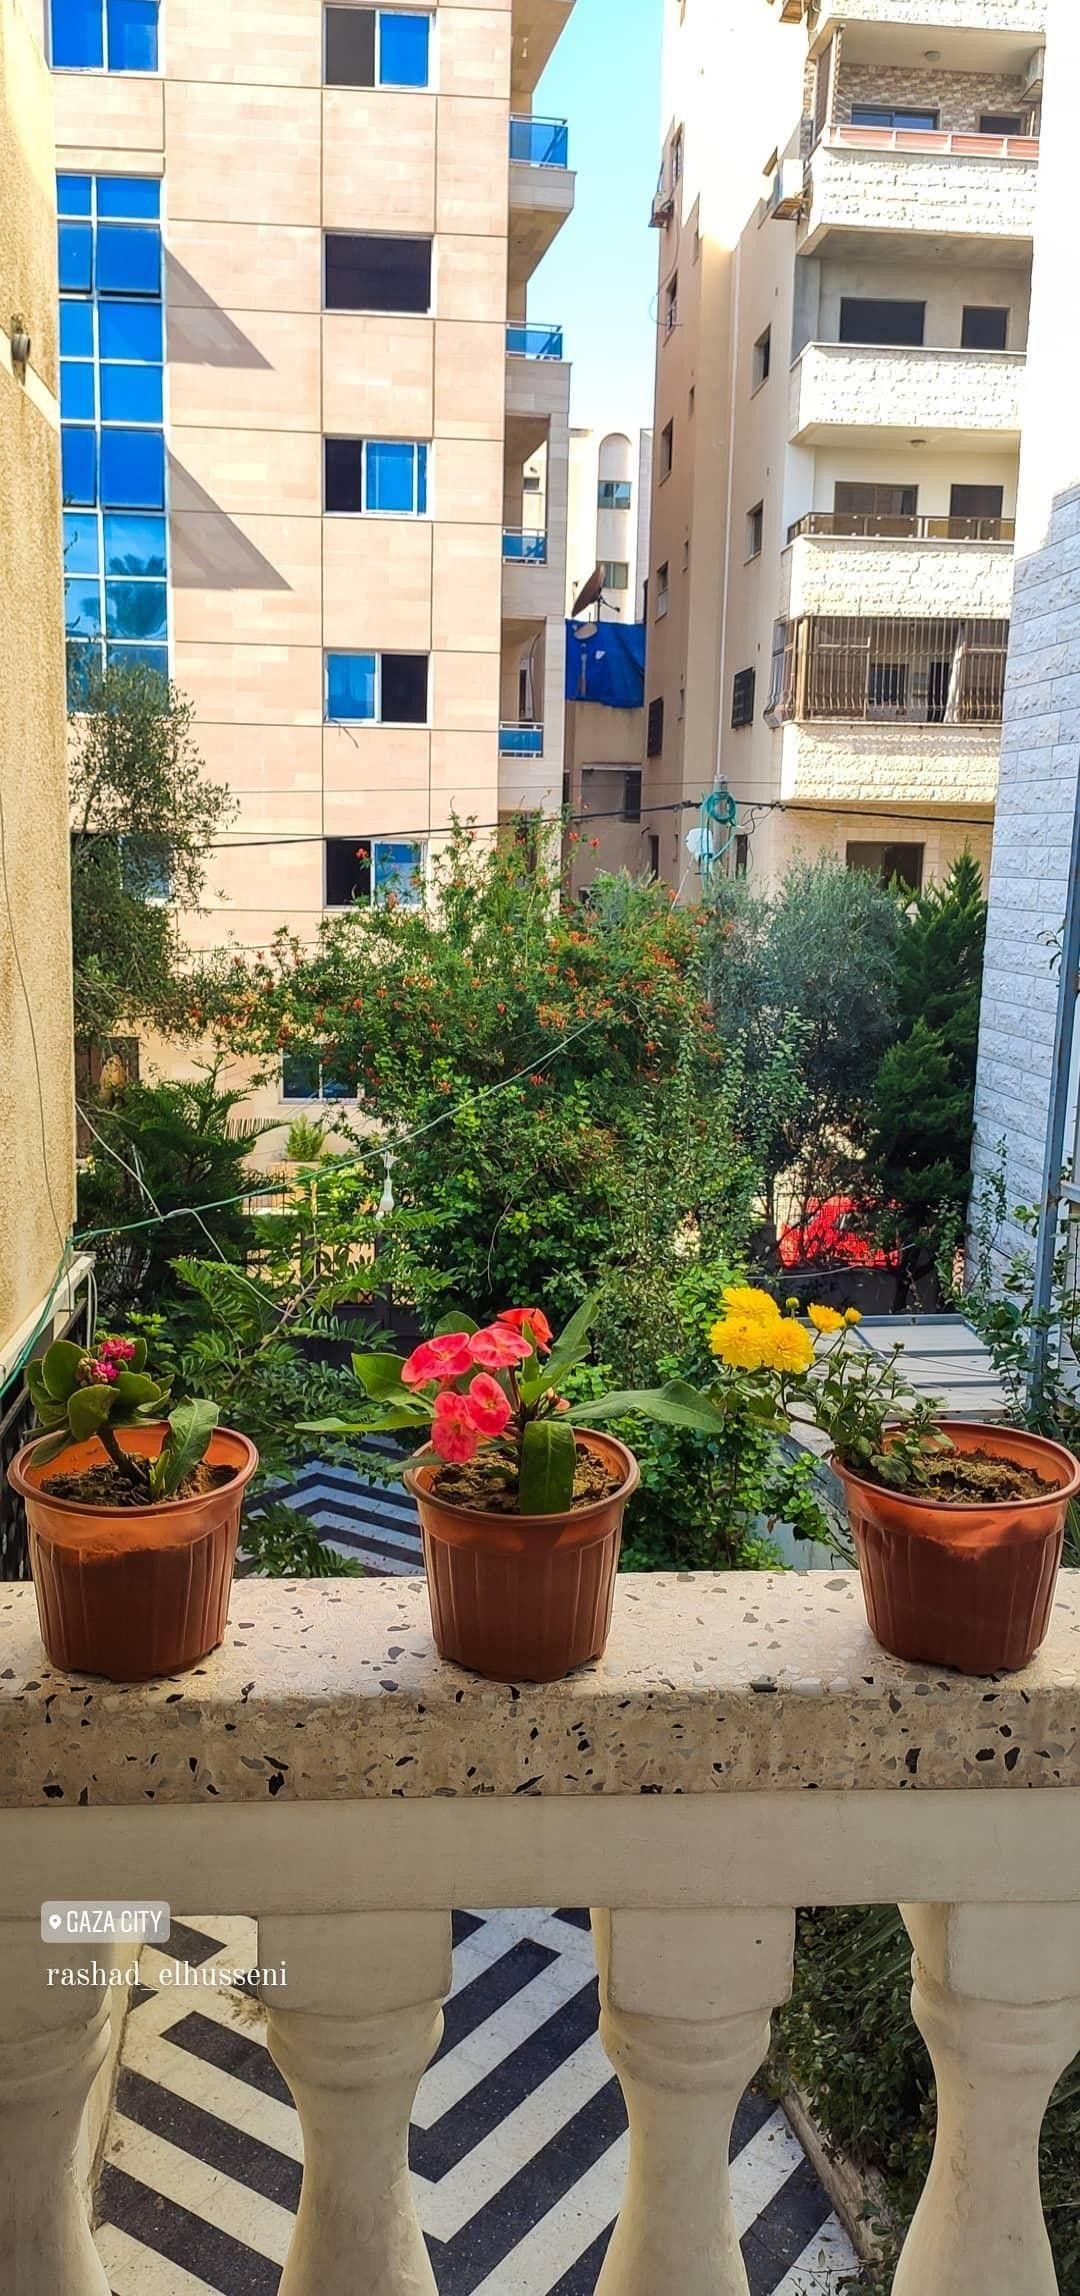 ورد أصفر طبيعة شجر اصفر غزة طبيعة جميل فلسطين القدس كلام تصوير صور ابيض صباح خير صل Plants Flowers